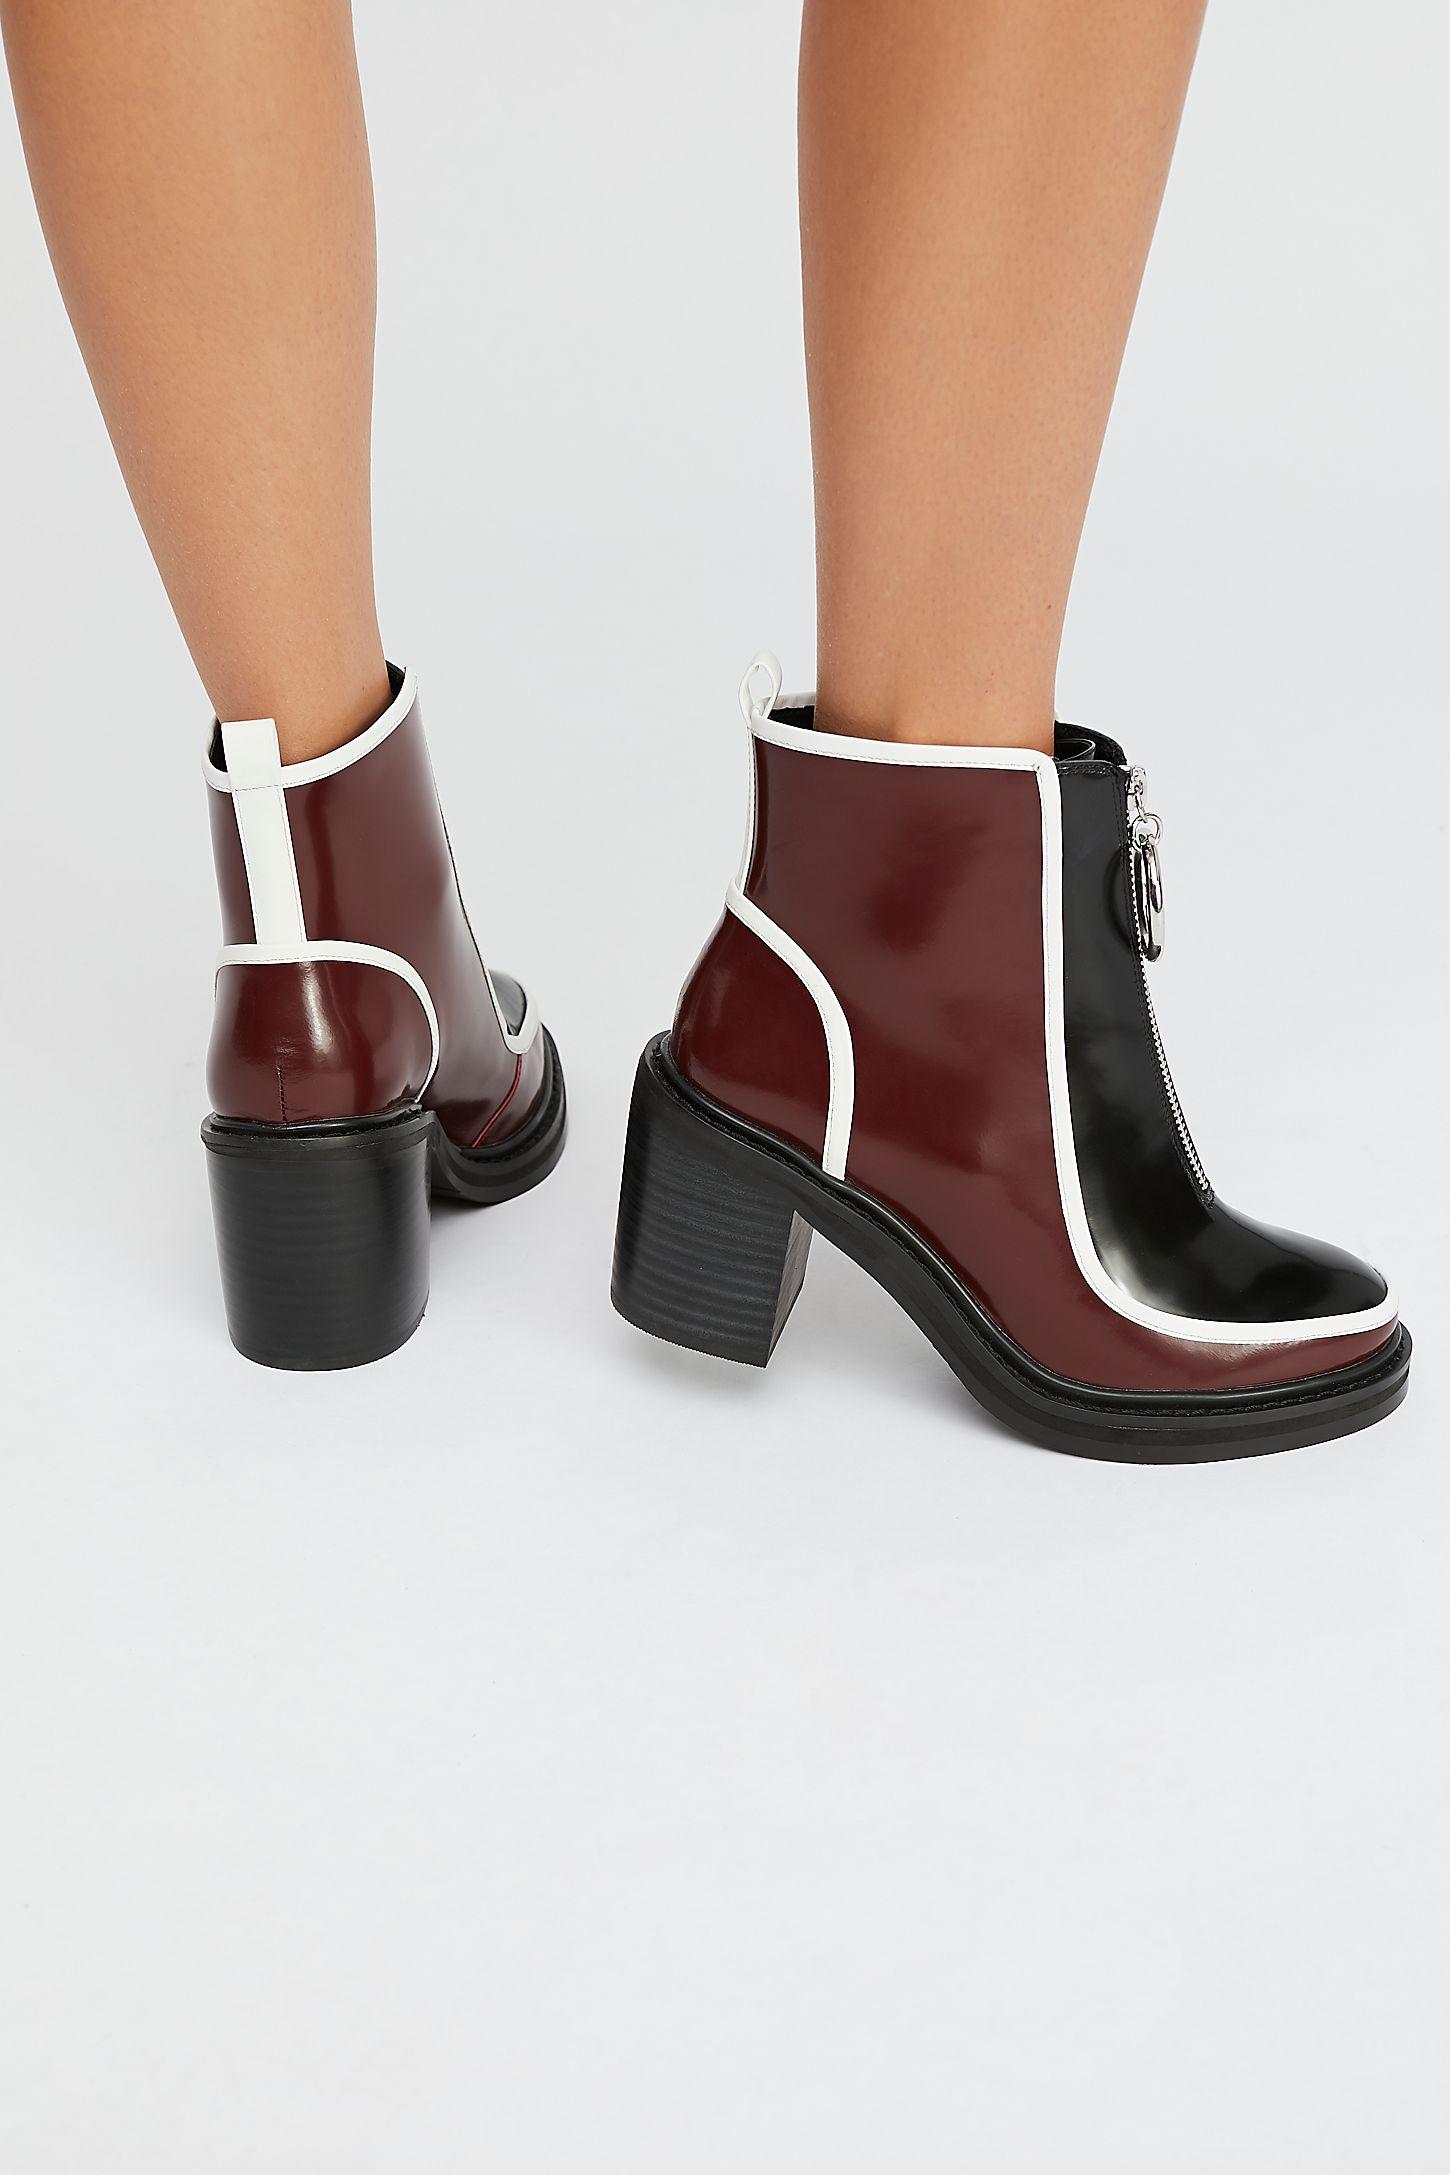 Slide View 4 Verona Heel Boot